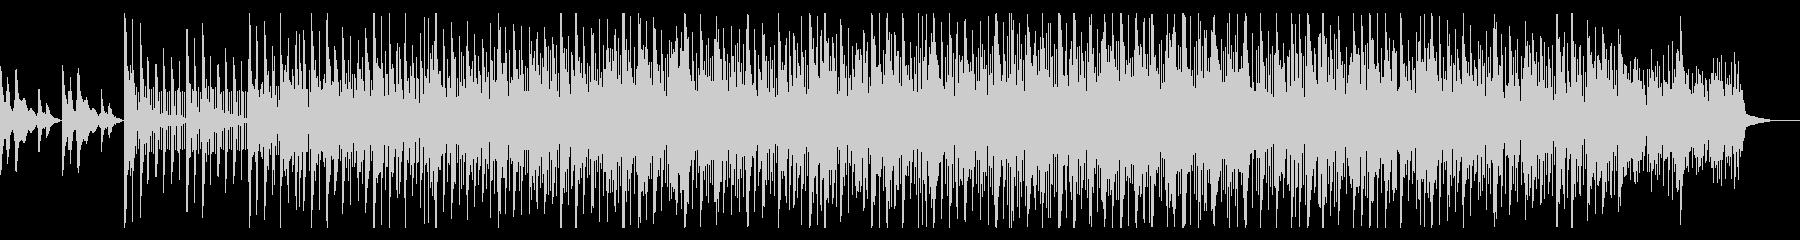 薄暗いトリップホップアンビエントIDMの未再生の波形